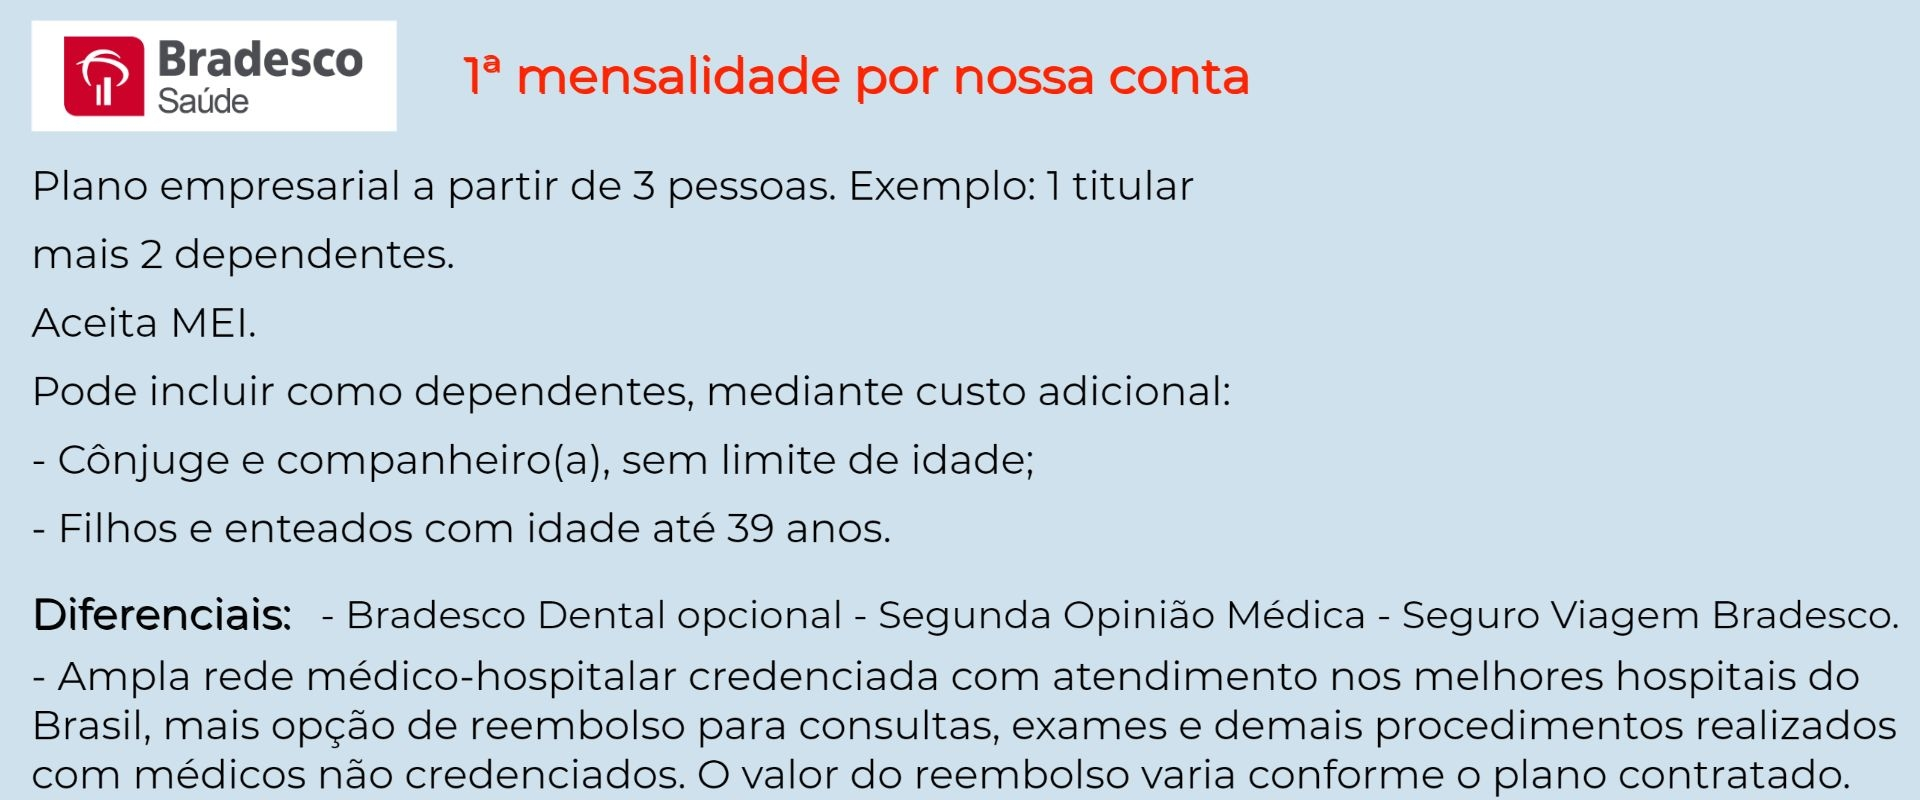 Bradesco Saúde Empresarial - Maricá